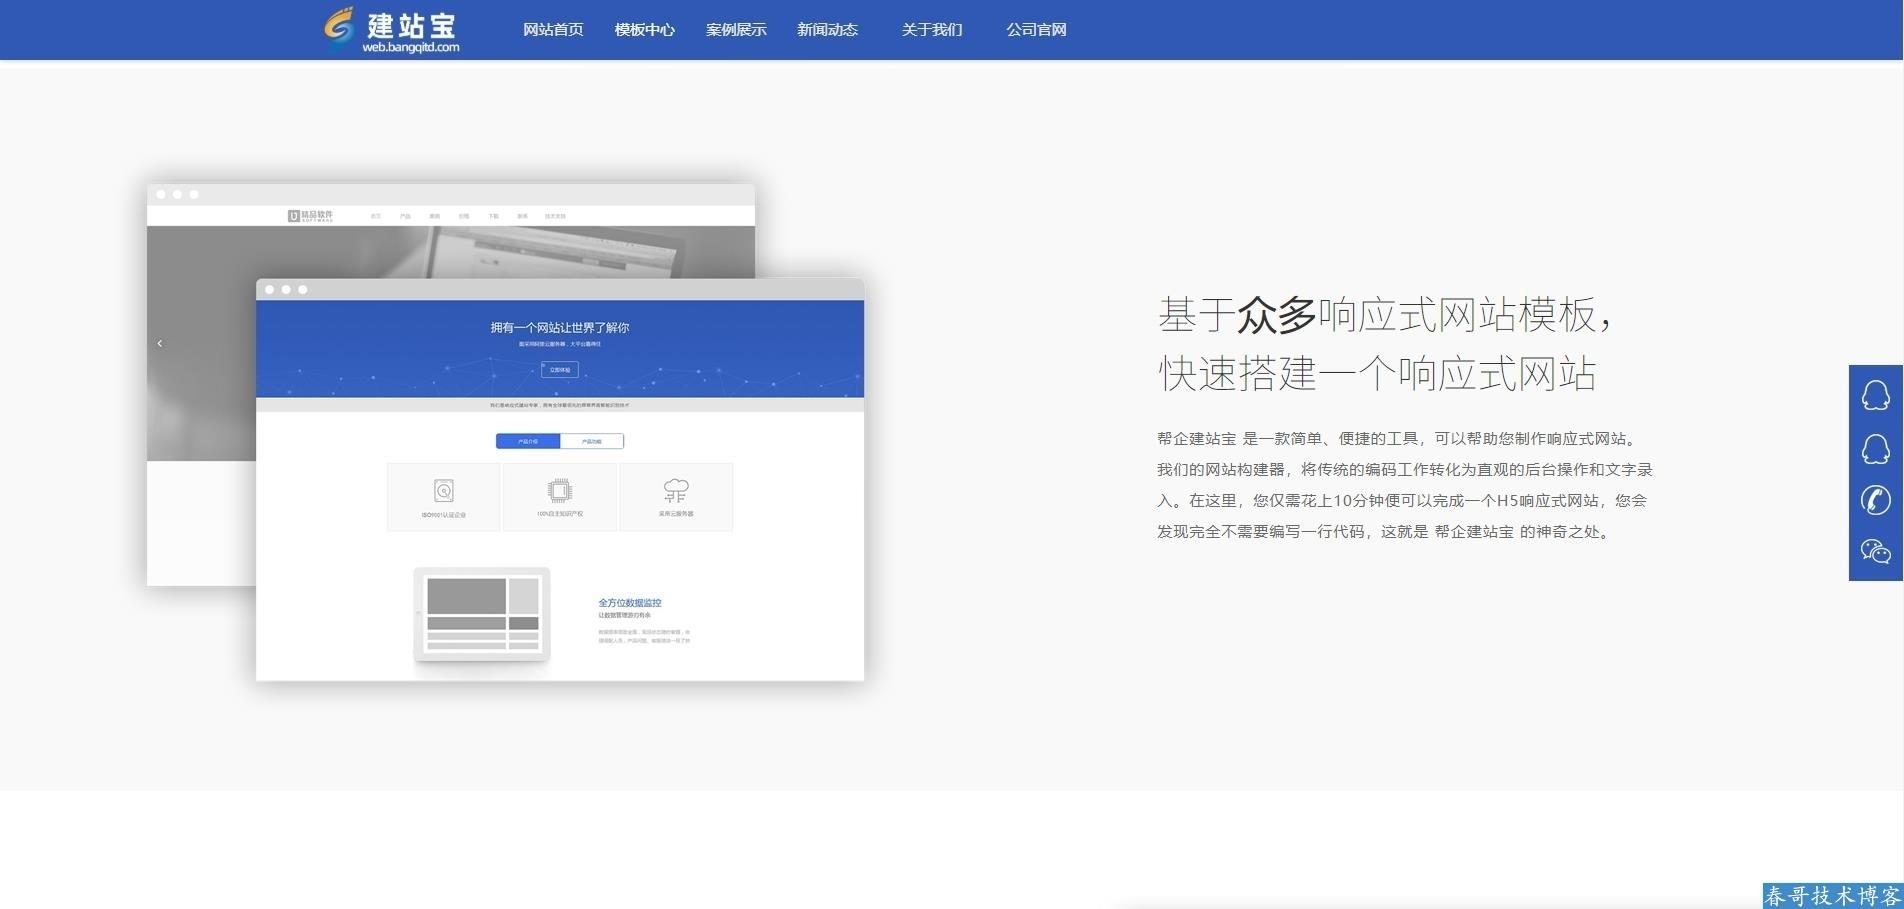 帮企建站宝响应式建站系统源码V4.0升级发布,新增至450多套网站模板!